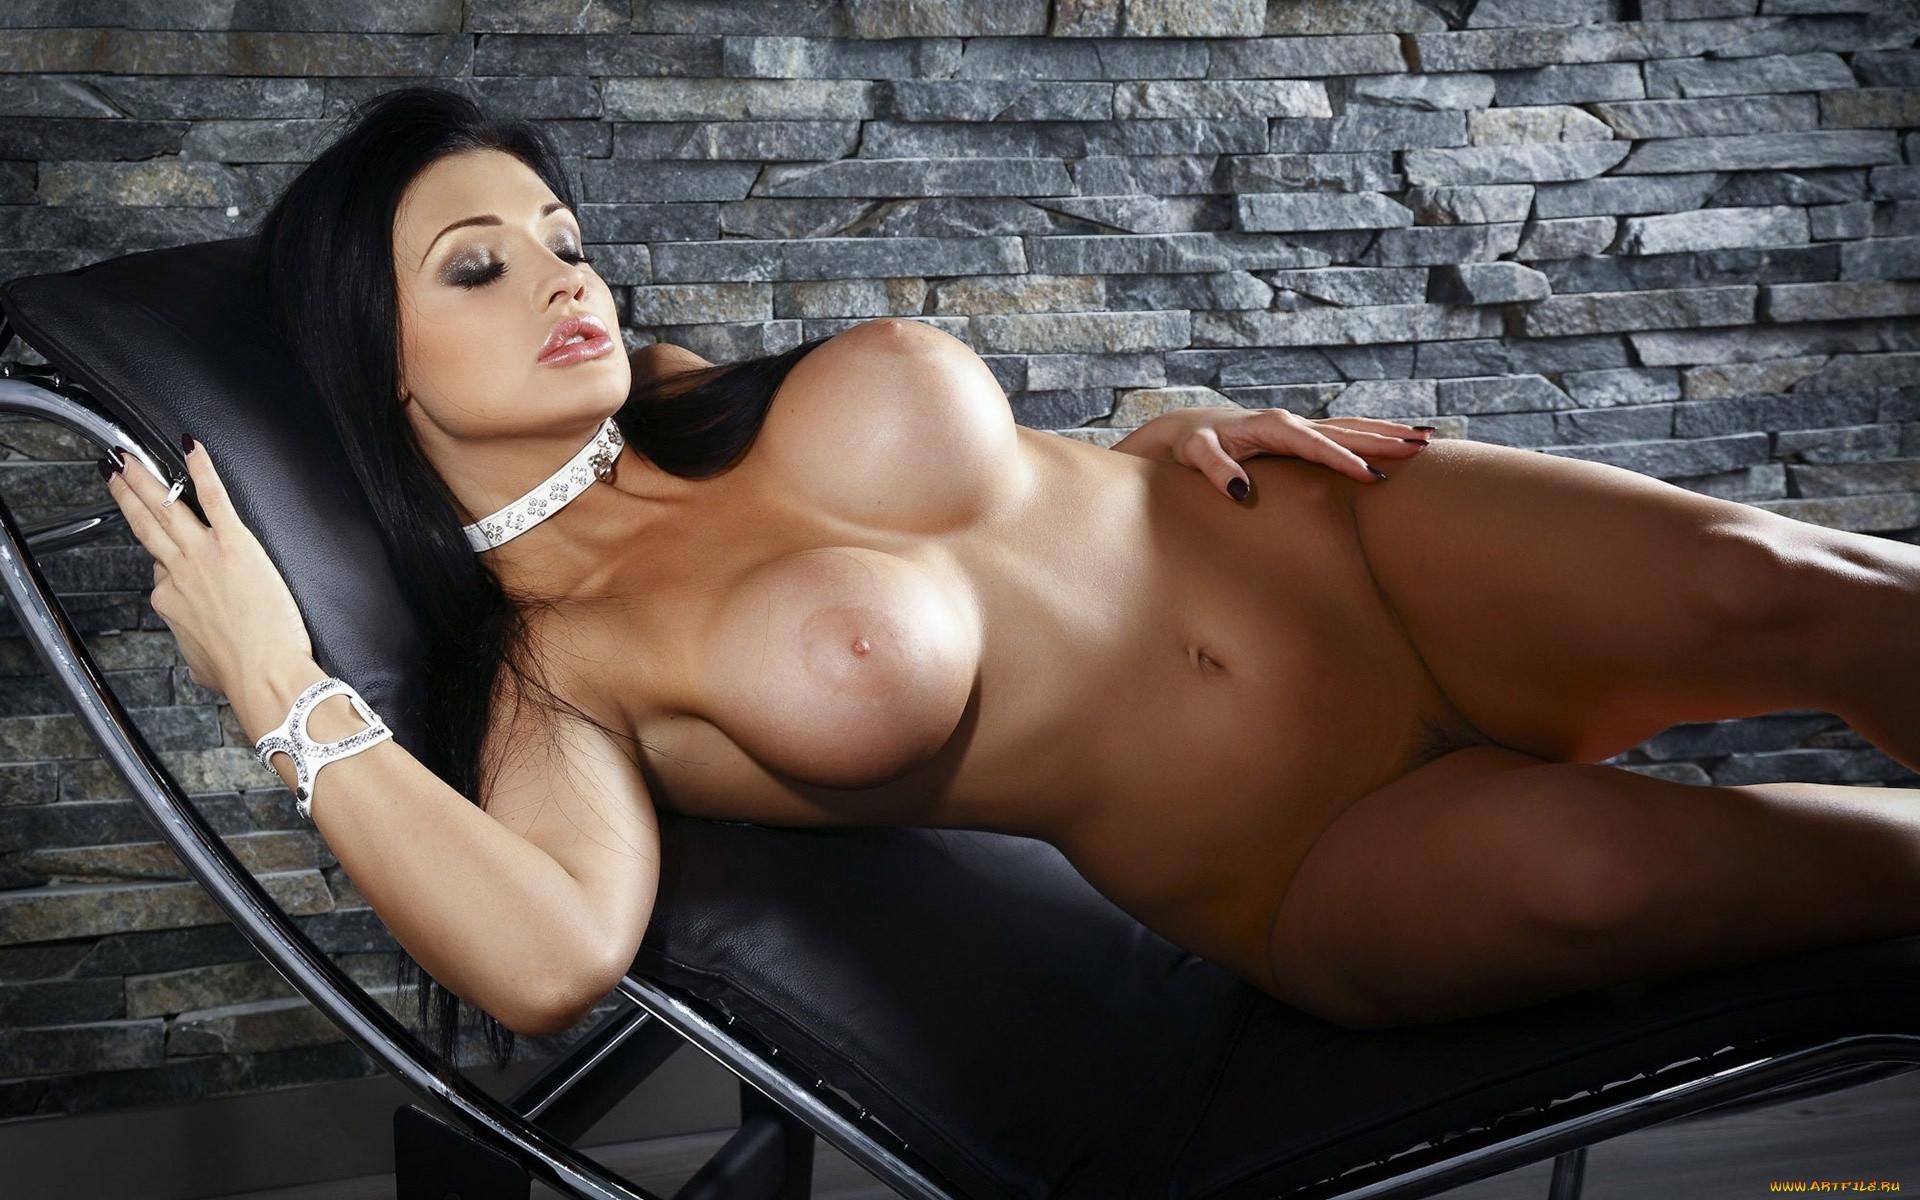 Девушки Модели Порно Смотреть Бесплатно